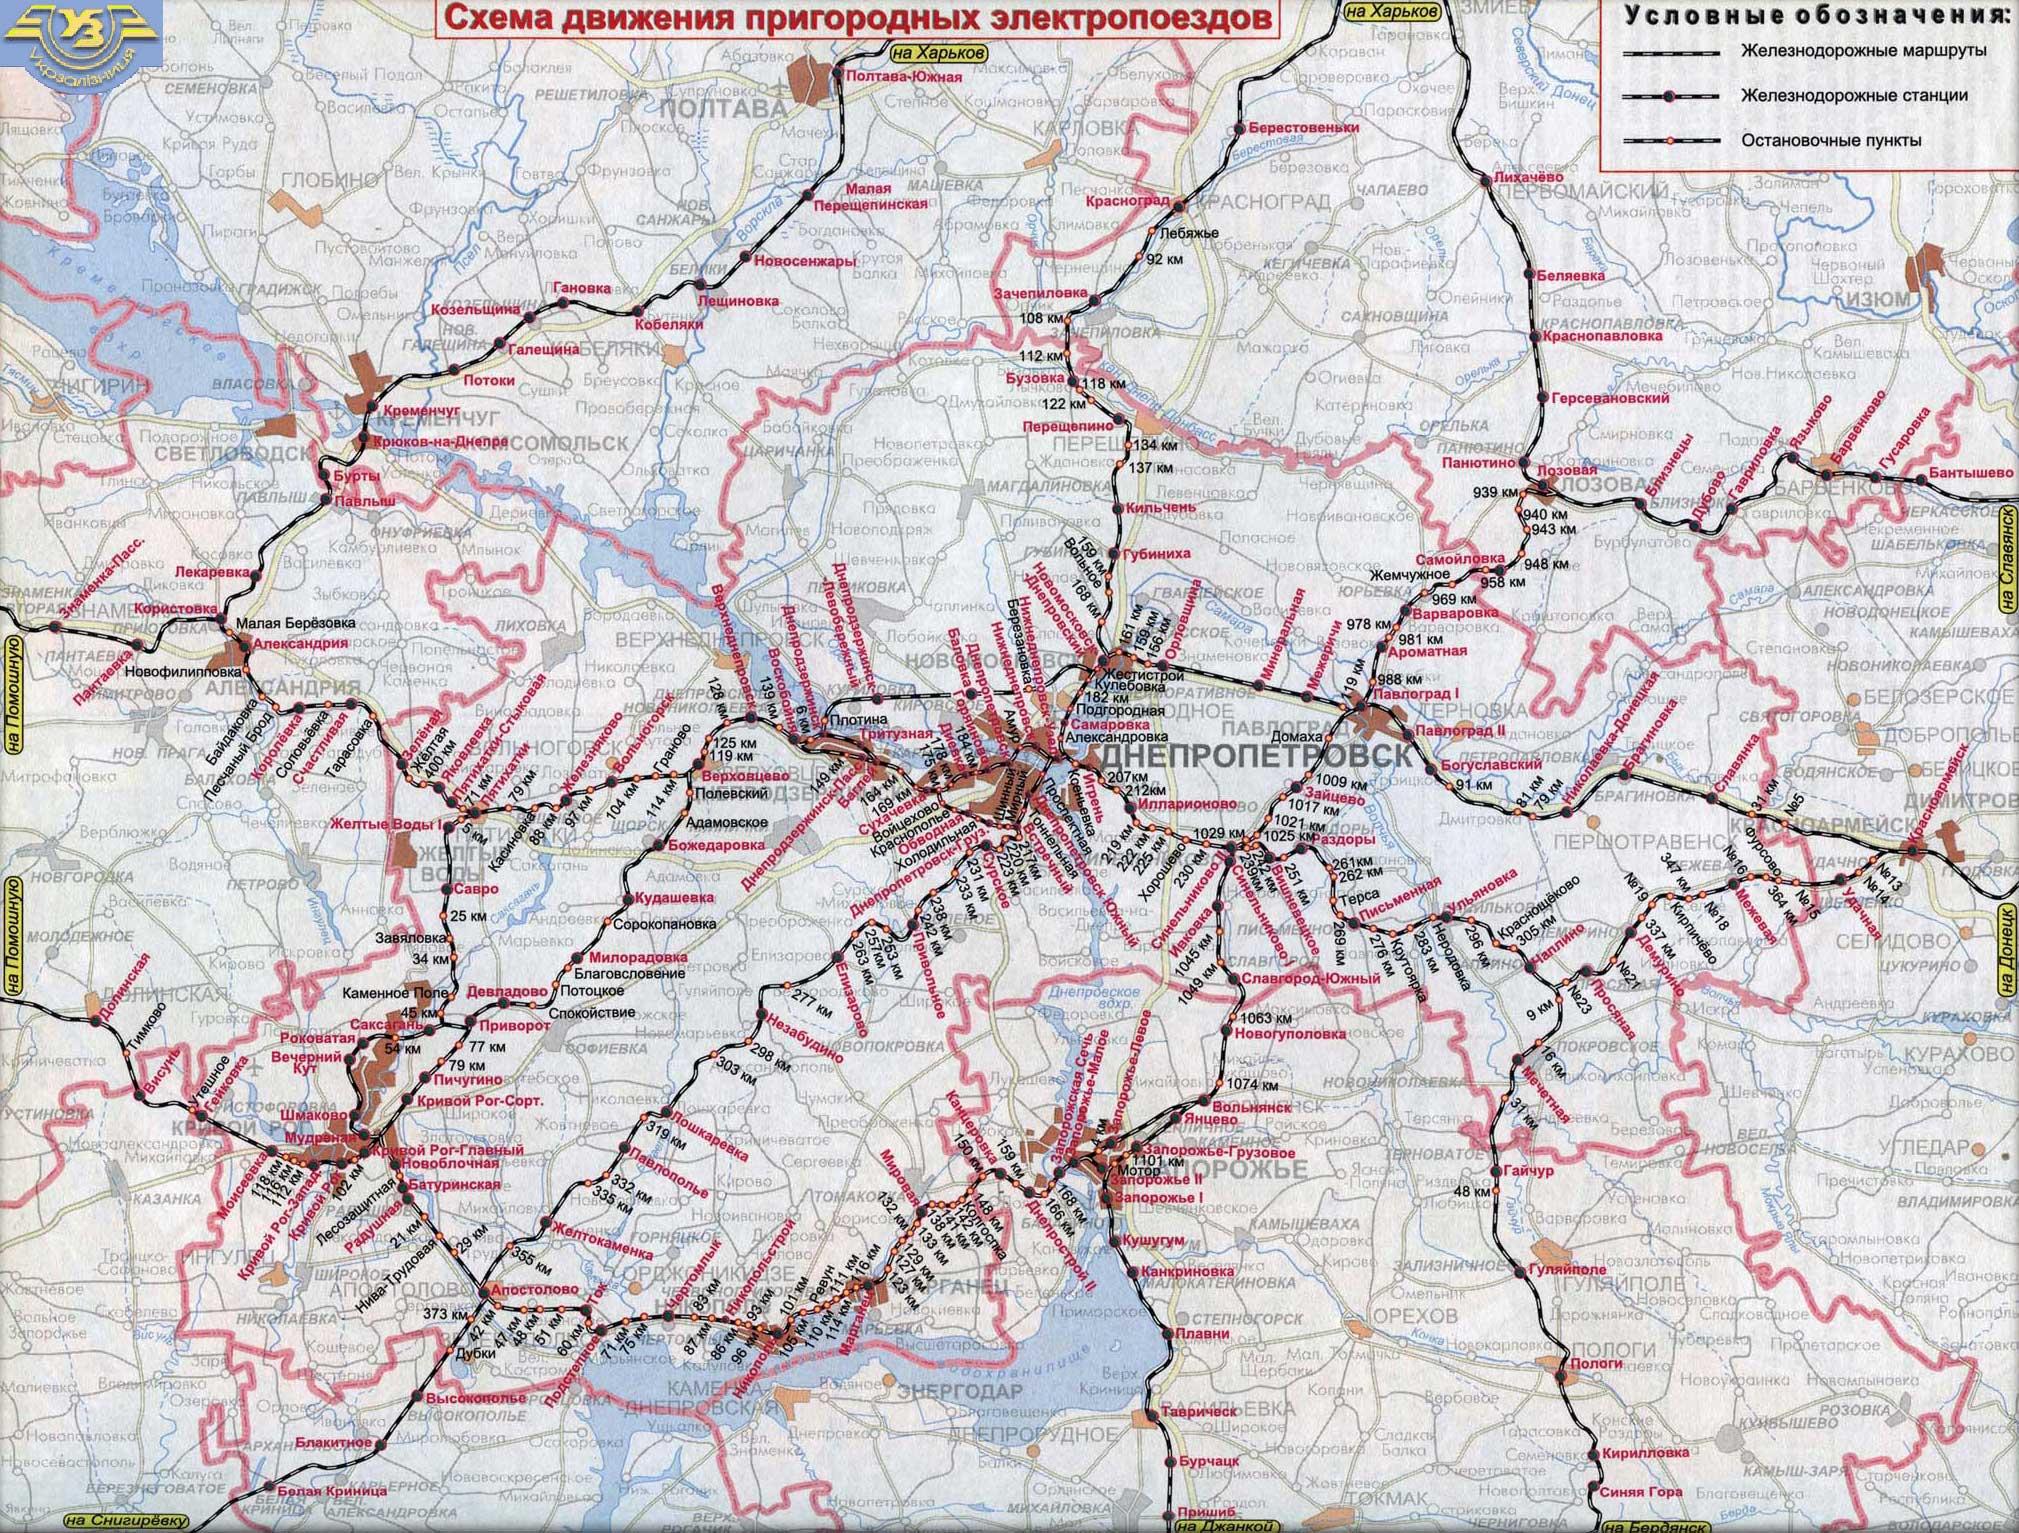 Спутниковая Карта Днепропетровской Обл.Rar